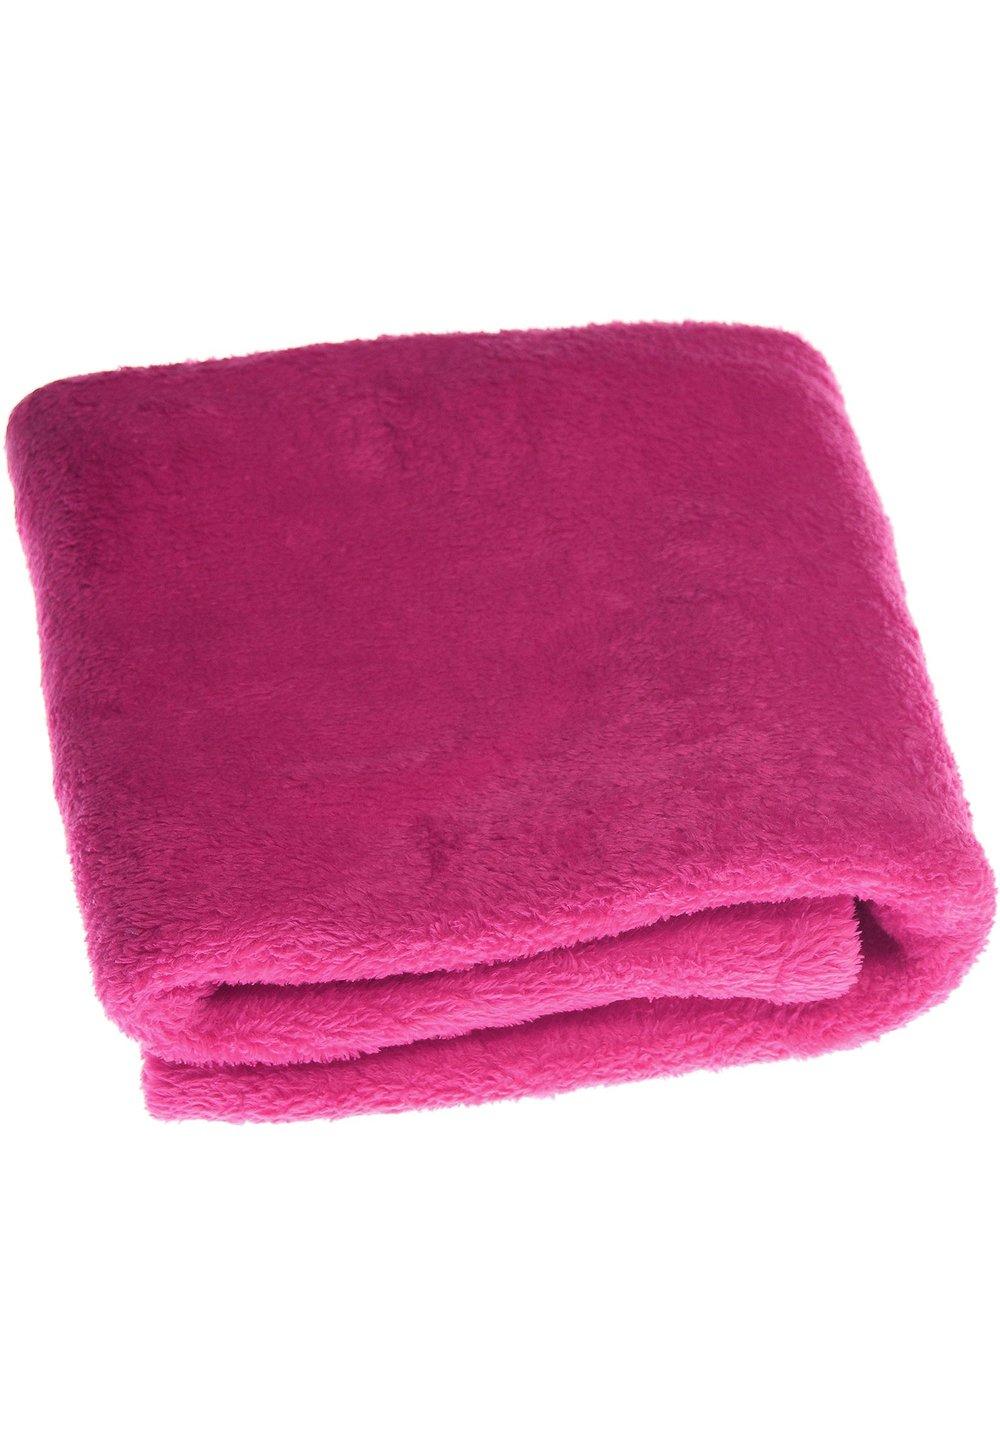 Paturica plus, roz inchis imagine